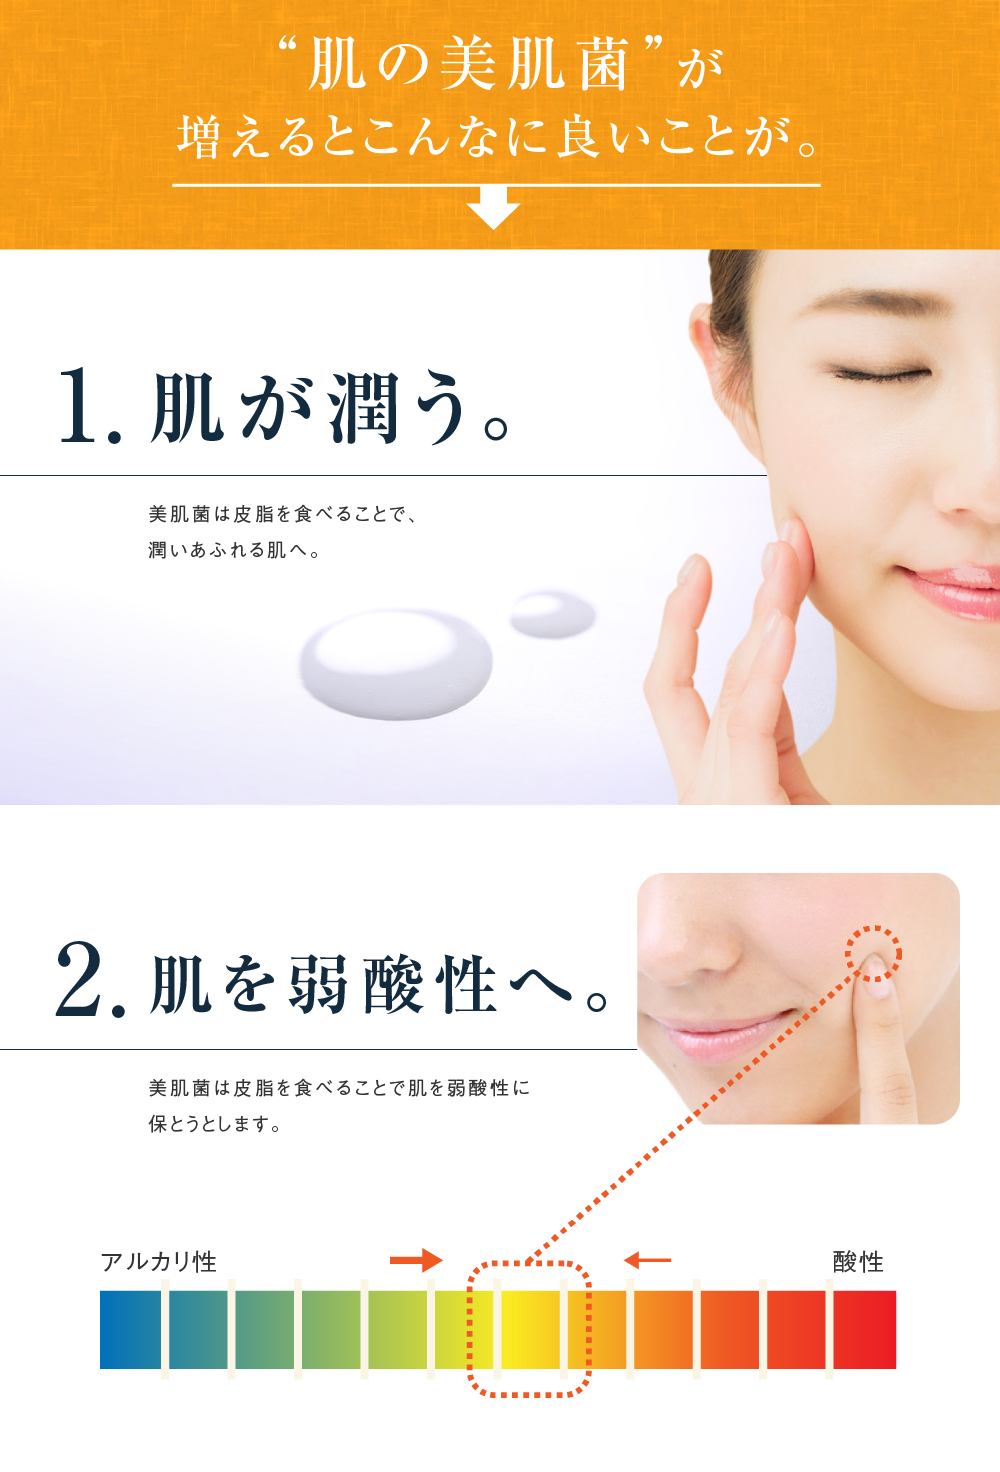 """""""肌の美肌菌""""が増えるとこんなに良いことが。肌が潤う。肌を弱酸性へ。"""